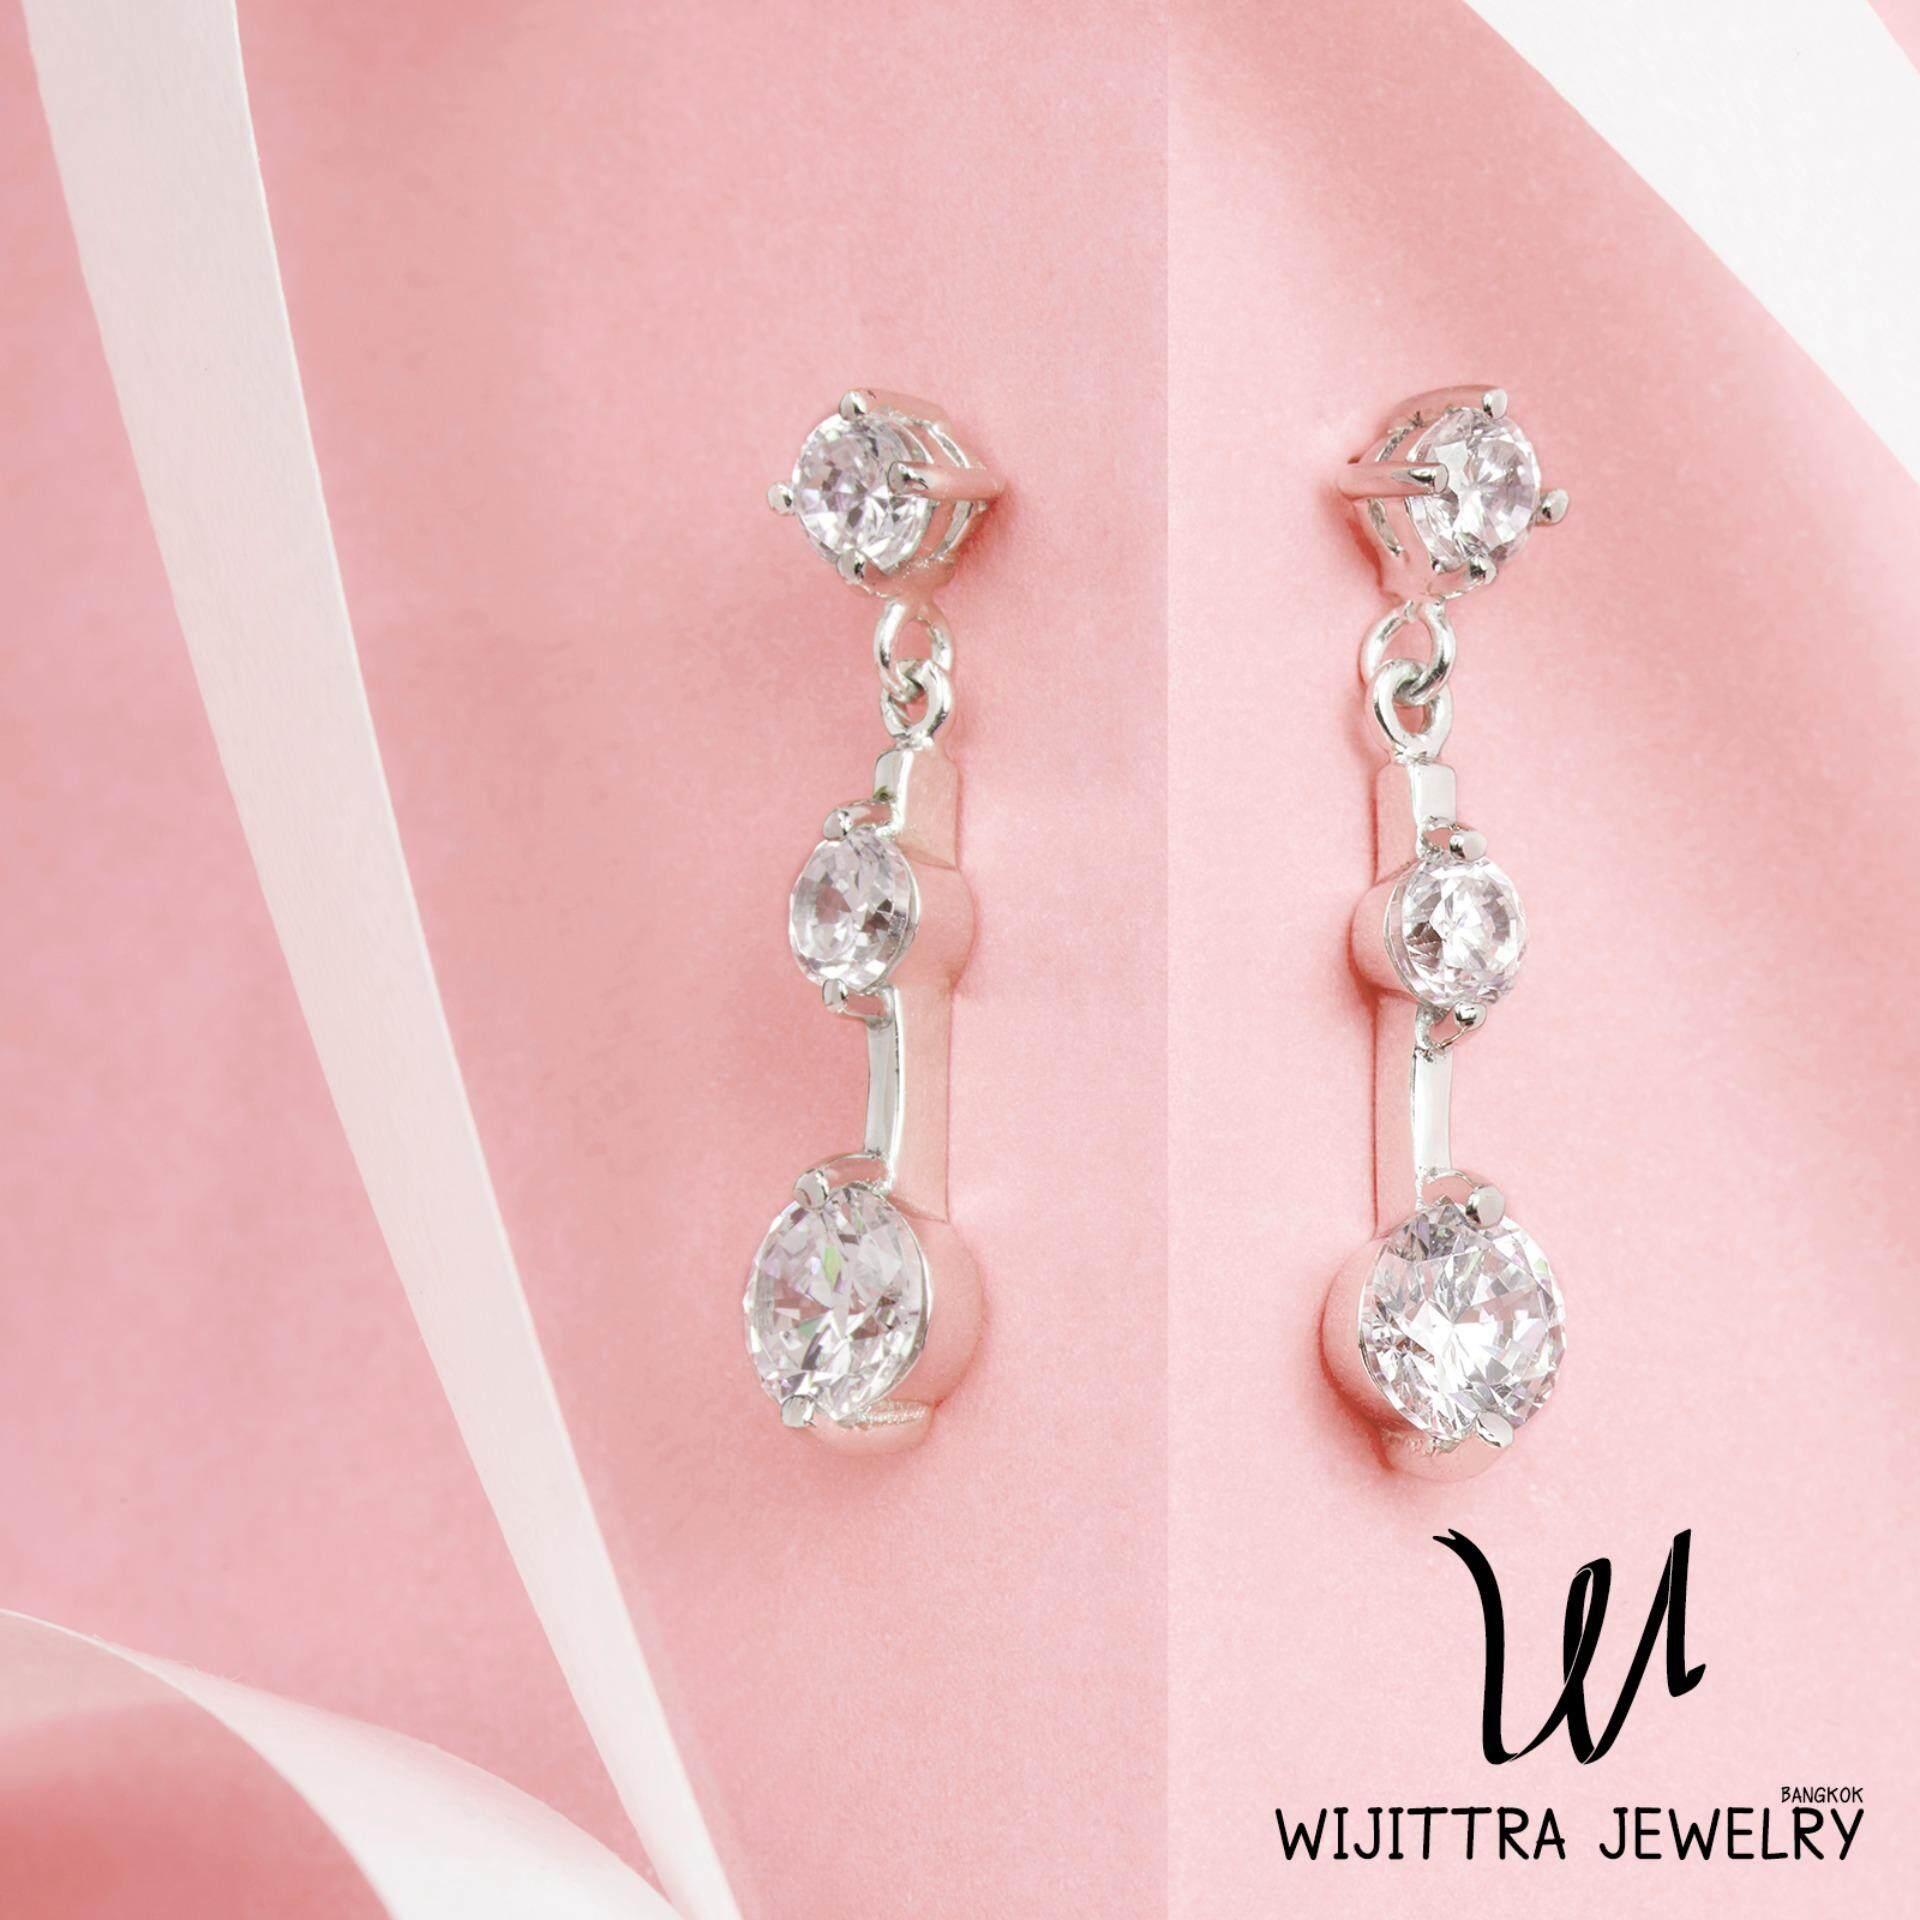 ราคา Aries Earrings Wijittra Jewelry ต่างหูเงินแท้ 925 ชุบโรเดียม เพชรสวิส Cubic Zirconia พร้อมกล่องเครื่องประดับ High End ถูก